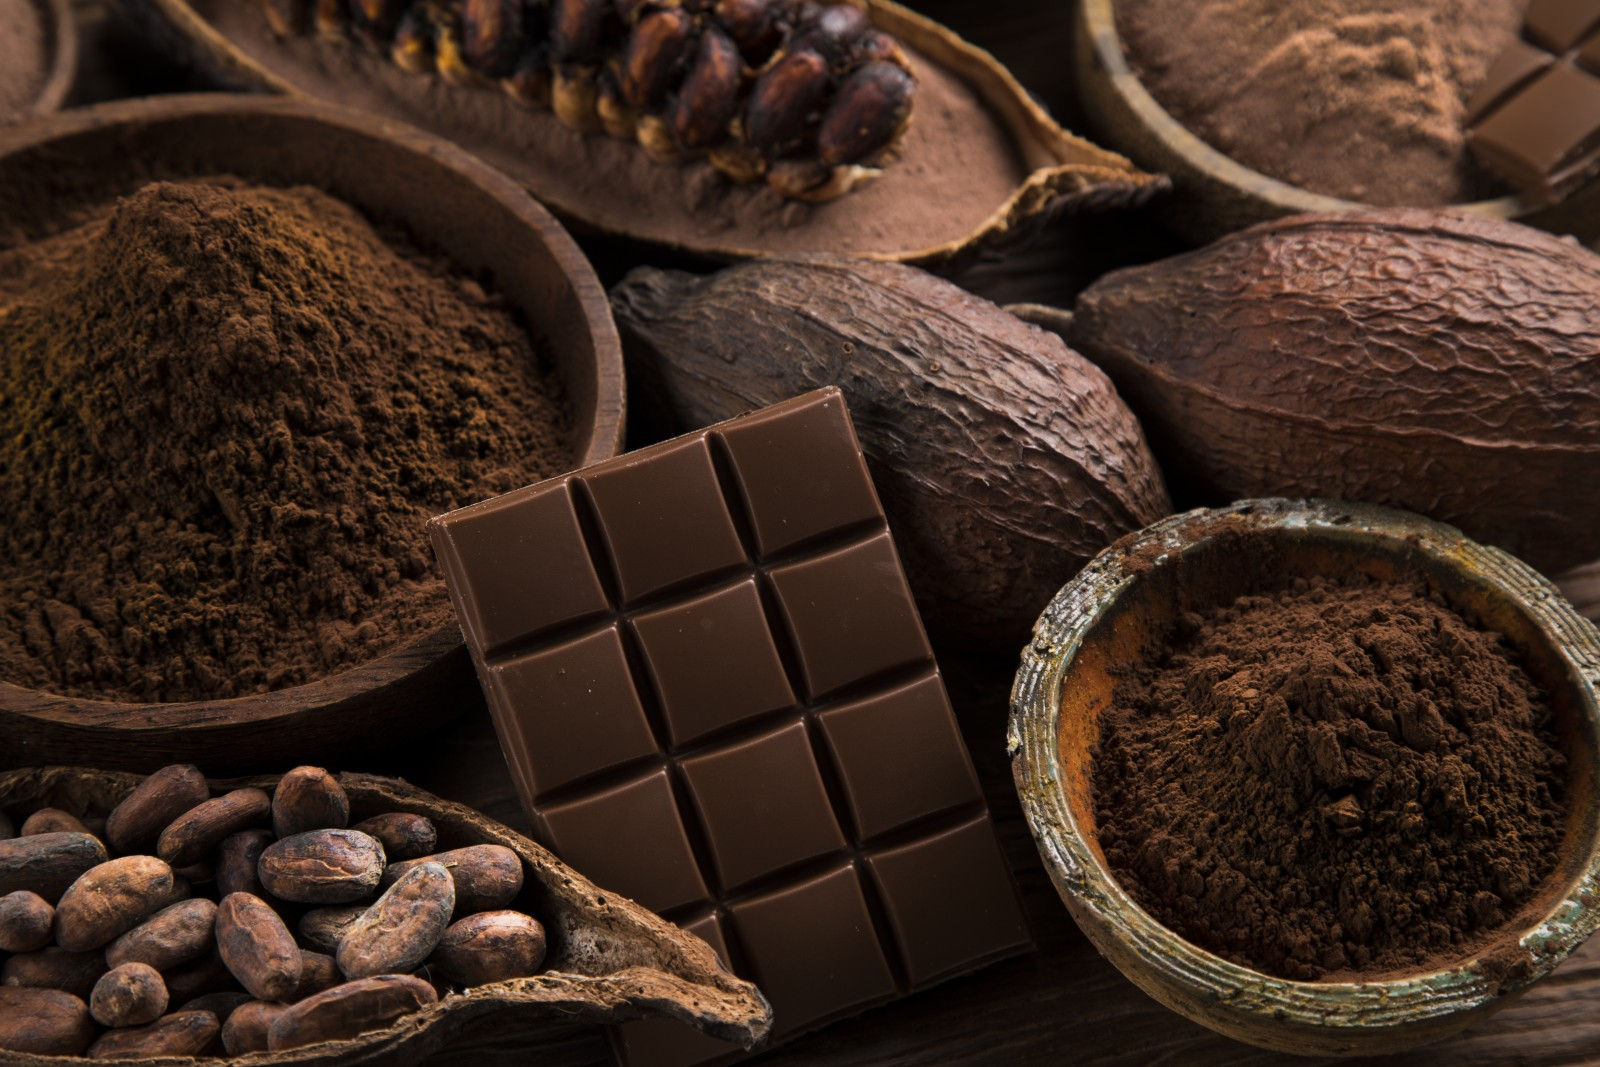 La poudre de cacao fut inventée par Van Houten